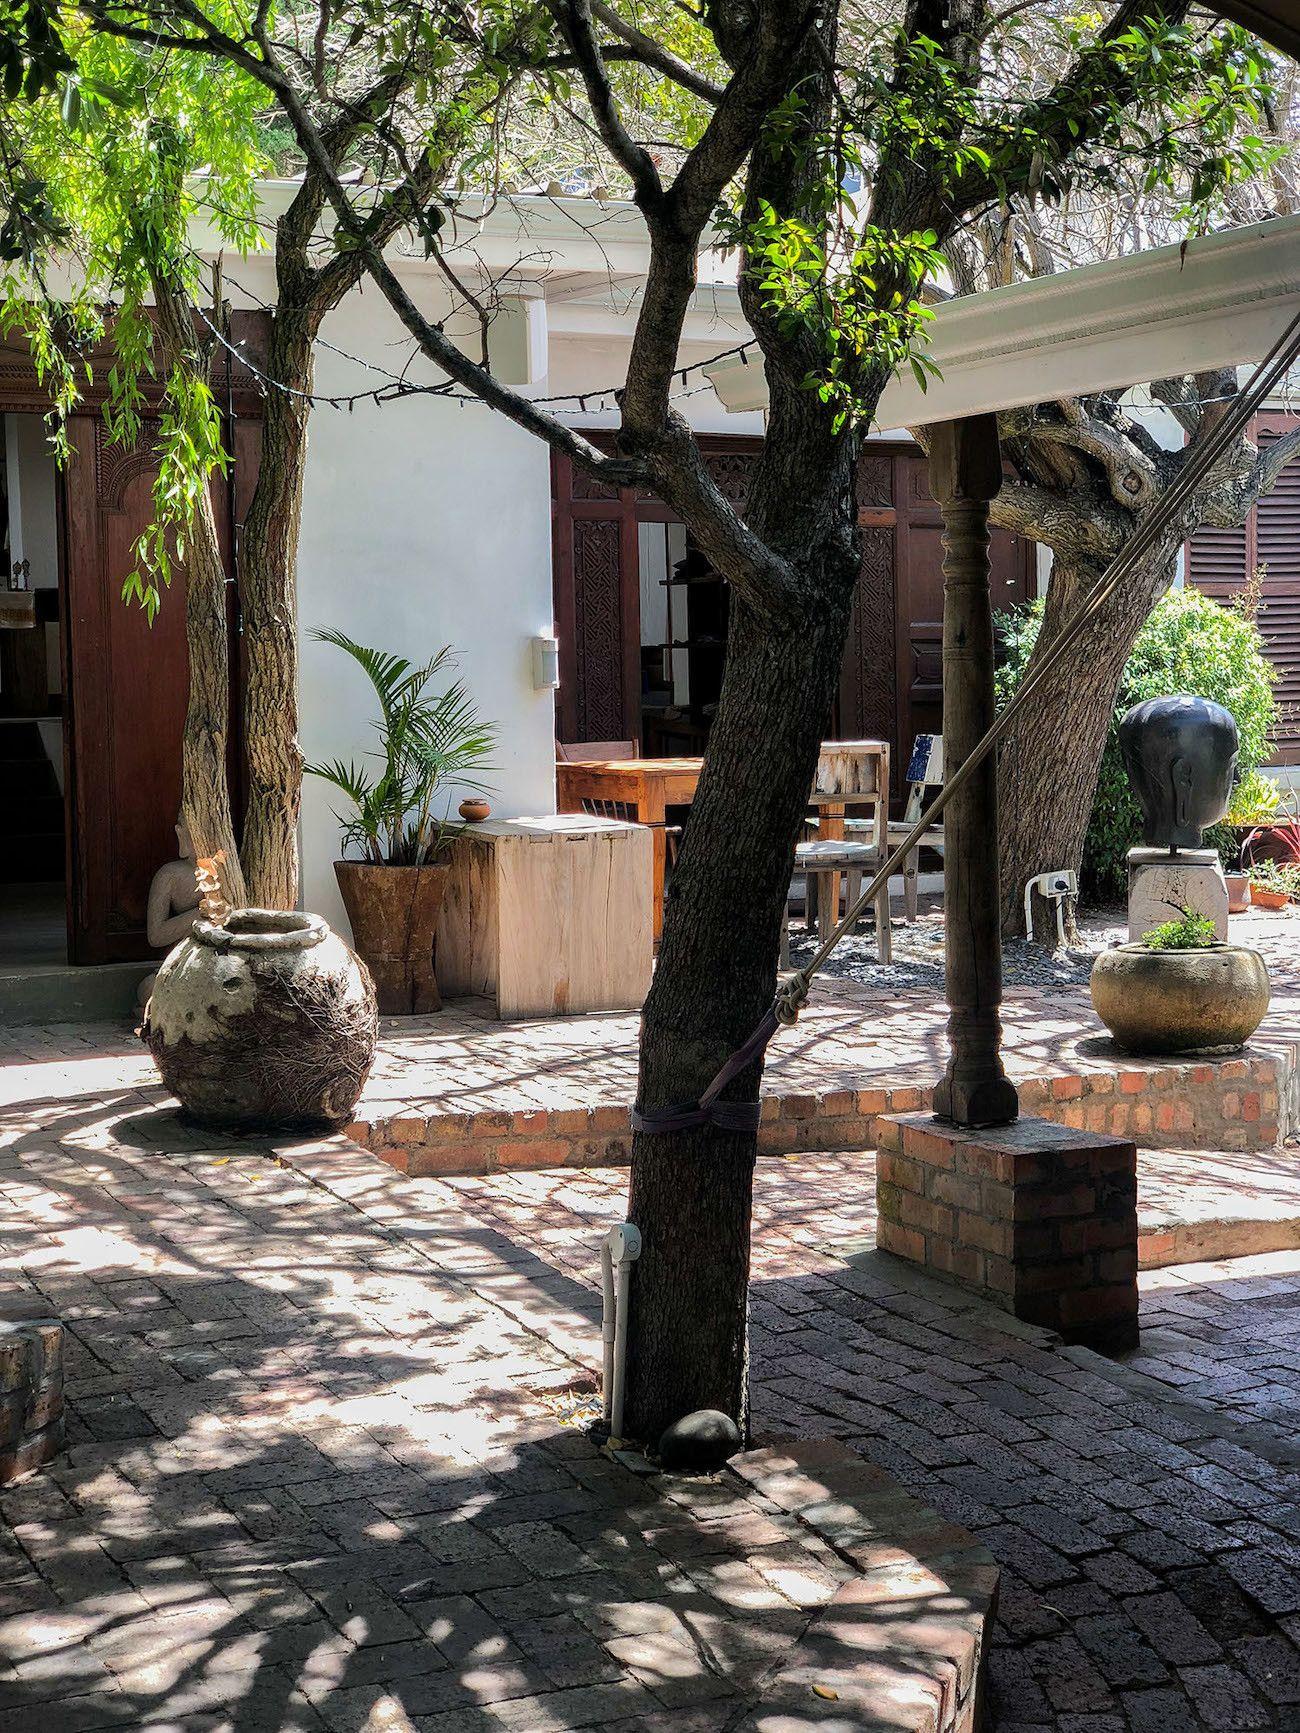 Frühstücks - und Brunch Guide für Kapstadt, The Strangers Club, Innenhof